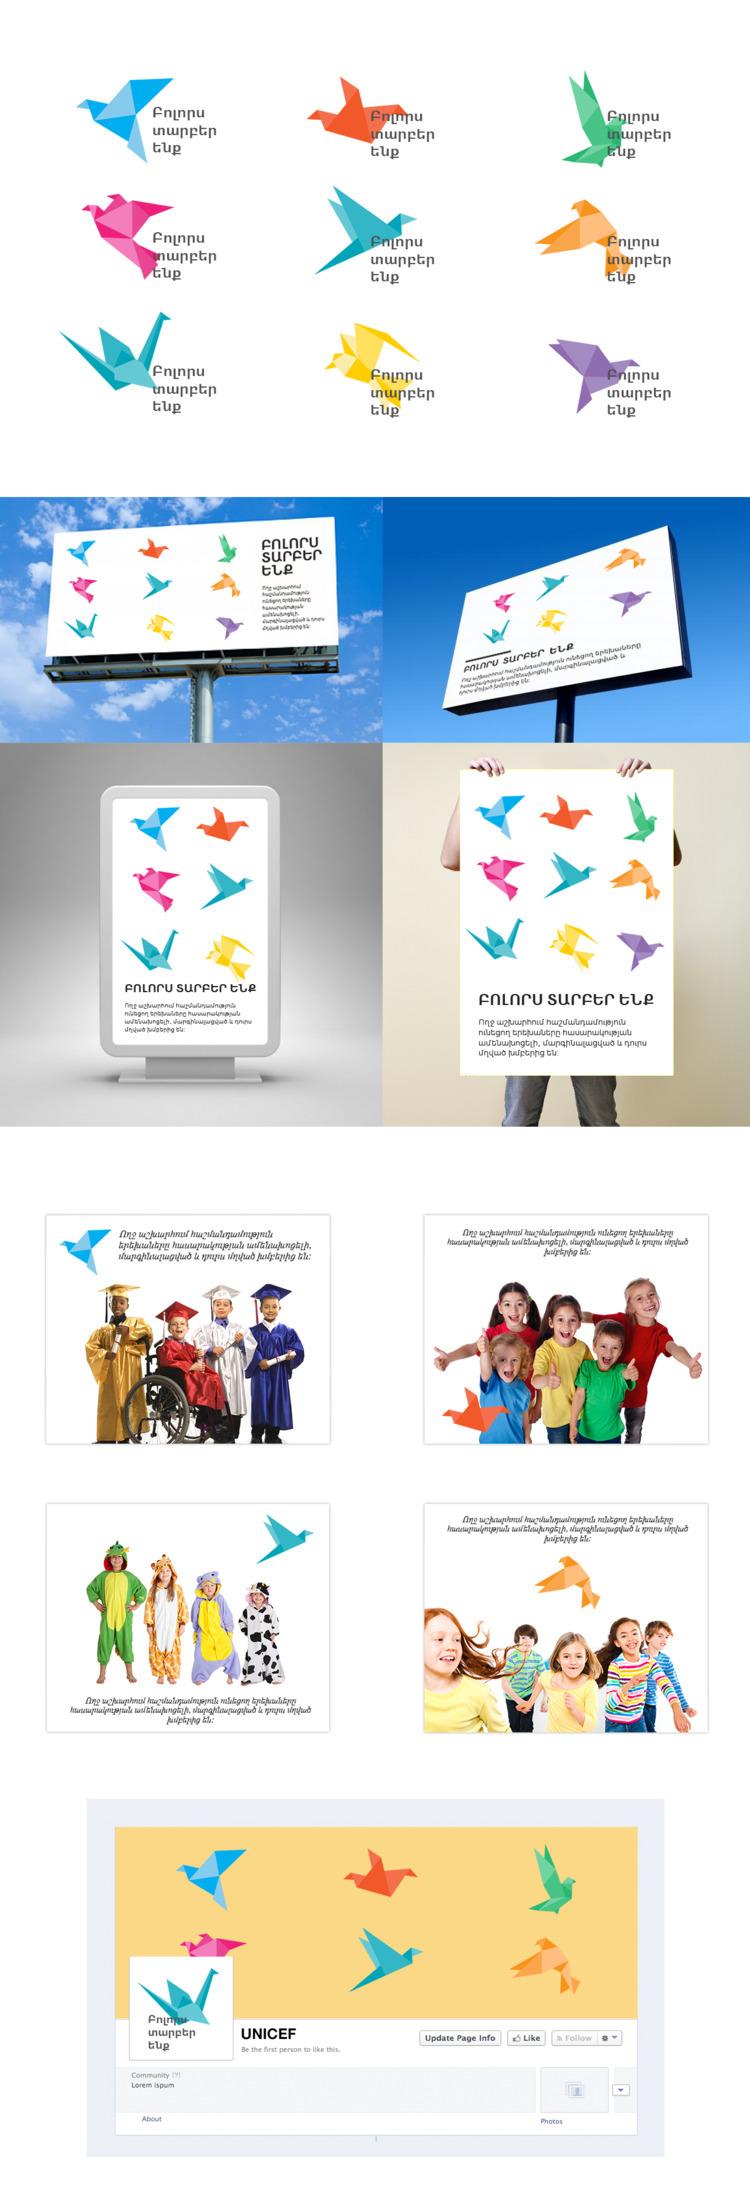 concept Campaign promoting incl - urban_fairy | ello